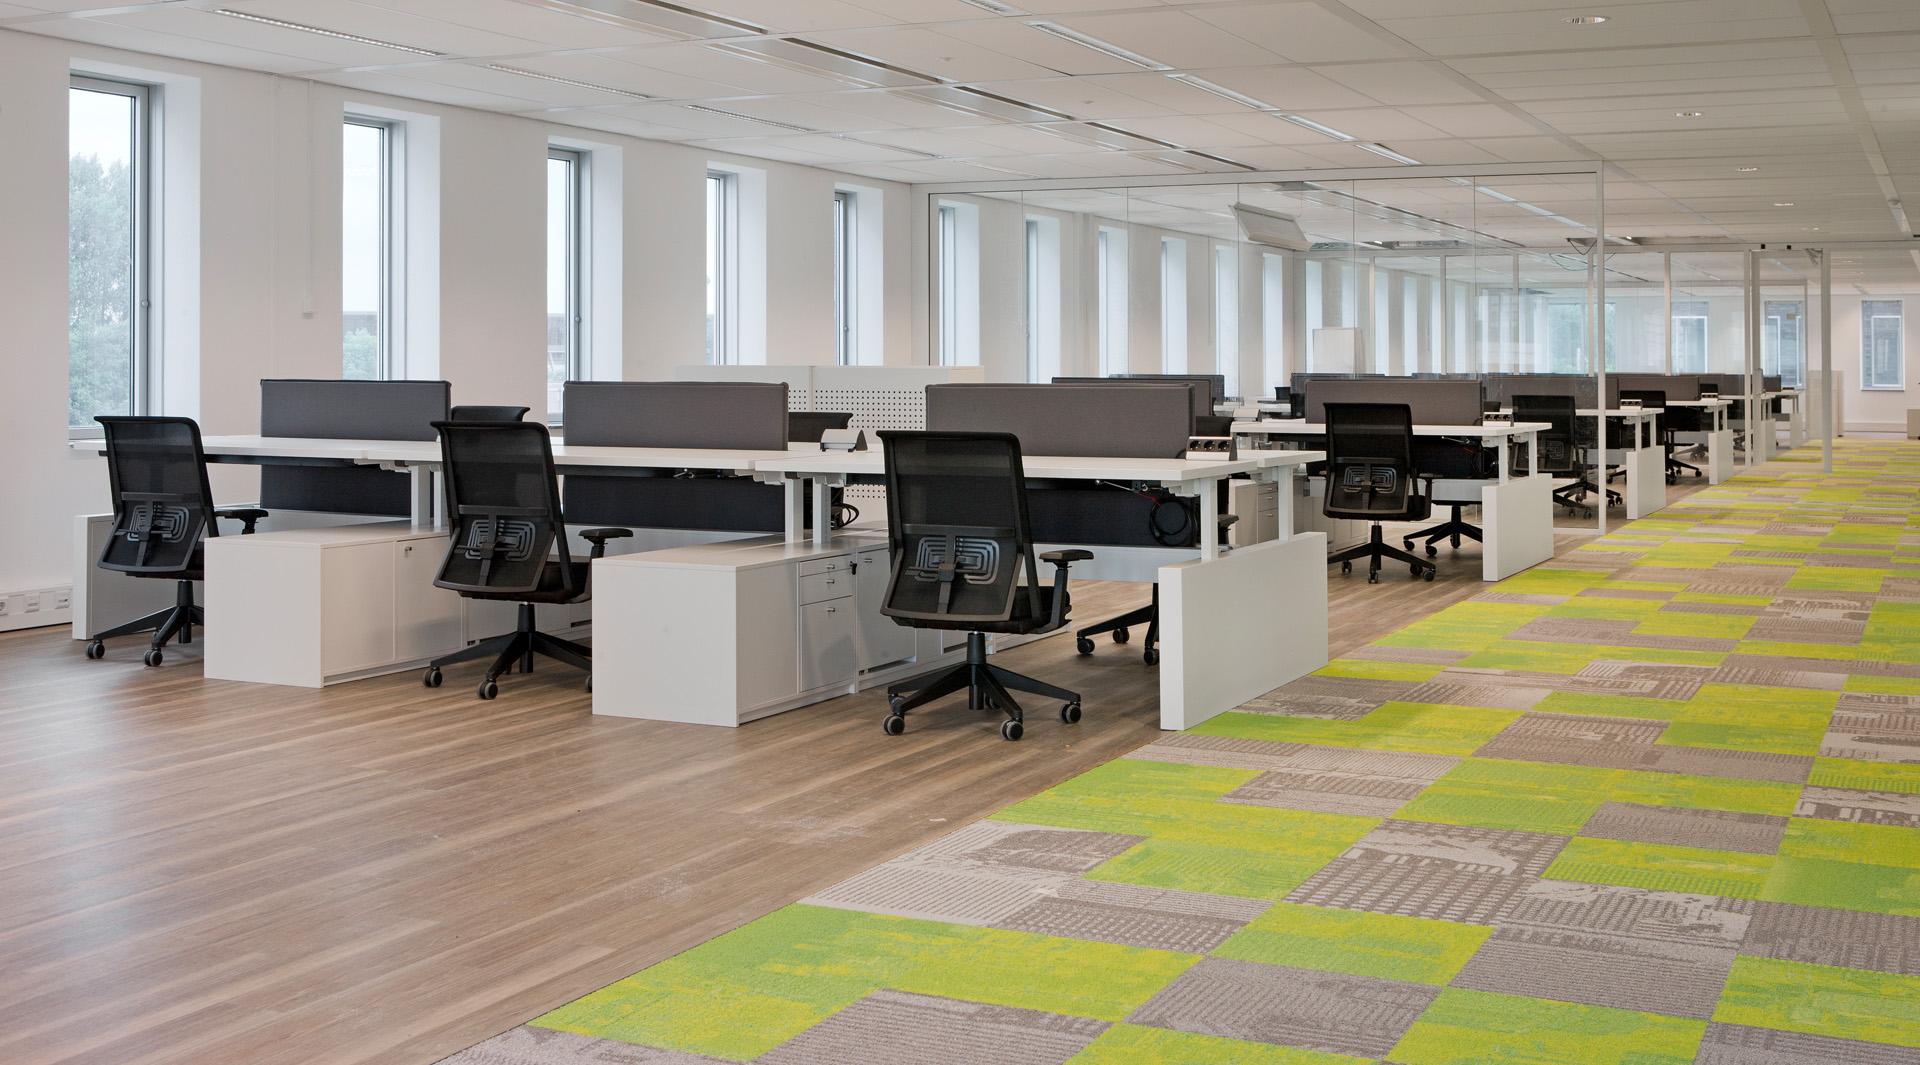 Vepa kantoormeubelen Den Haag kantoorinrichting - werkplek Heering Office